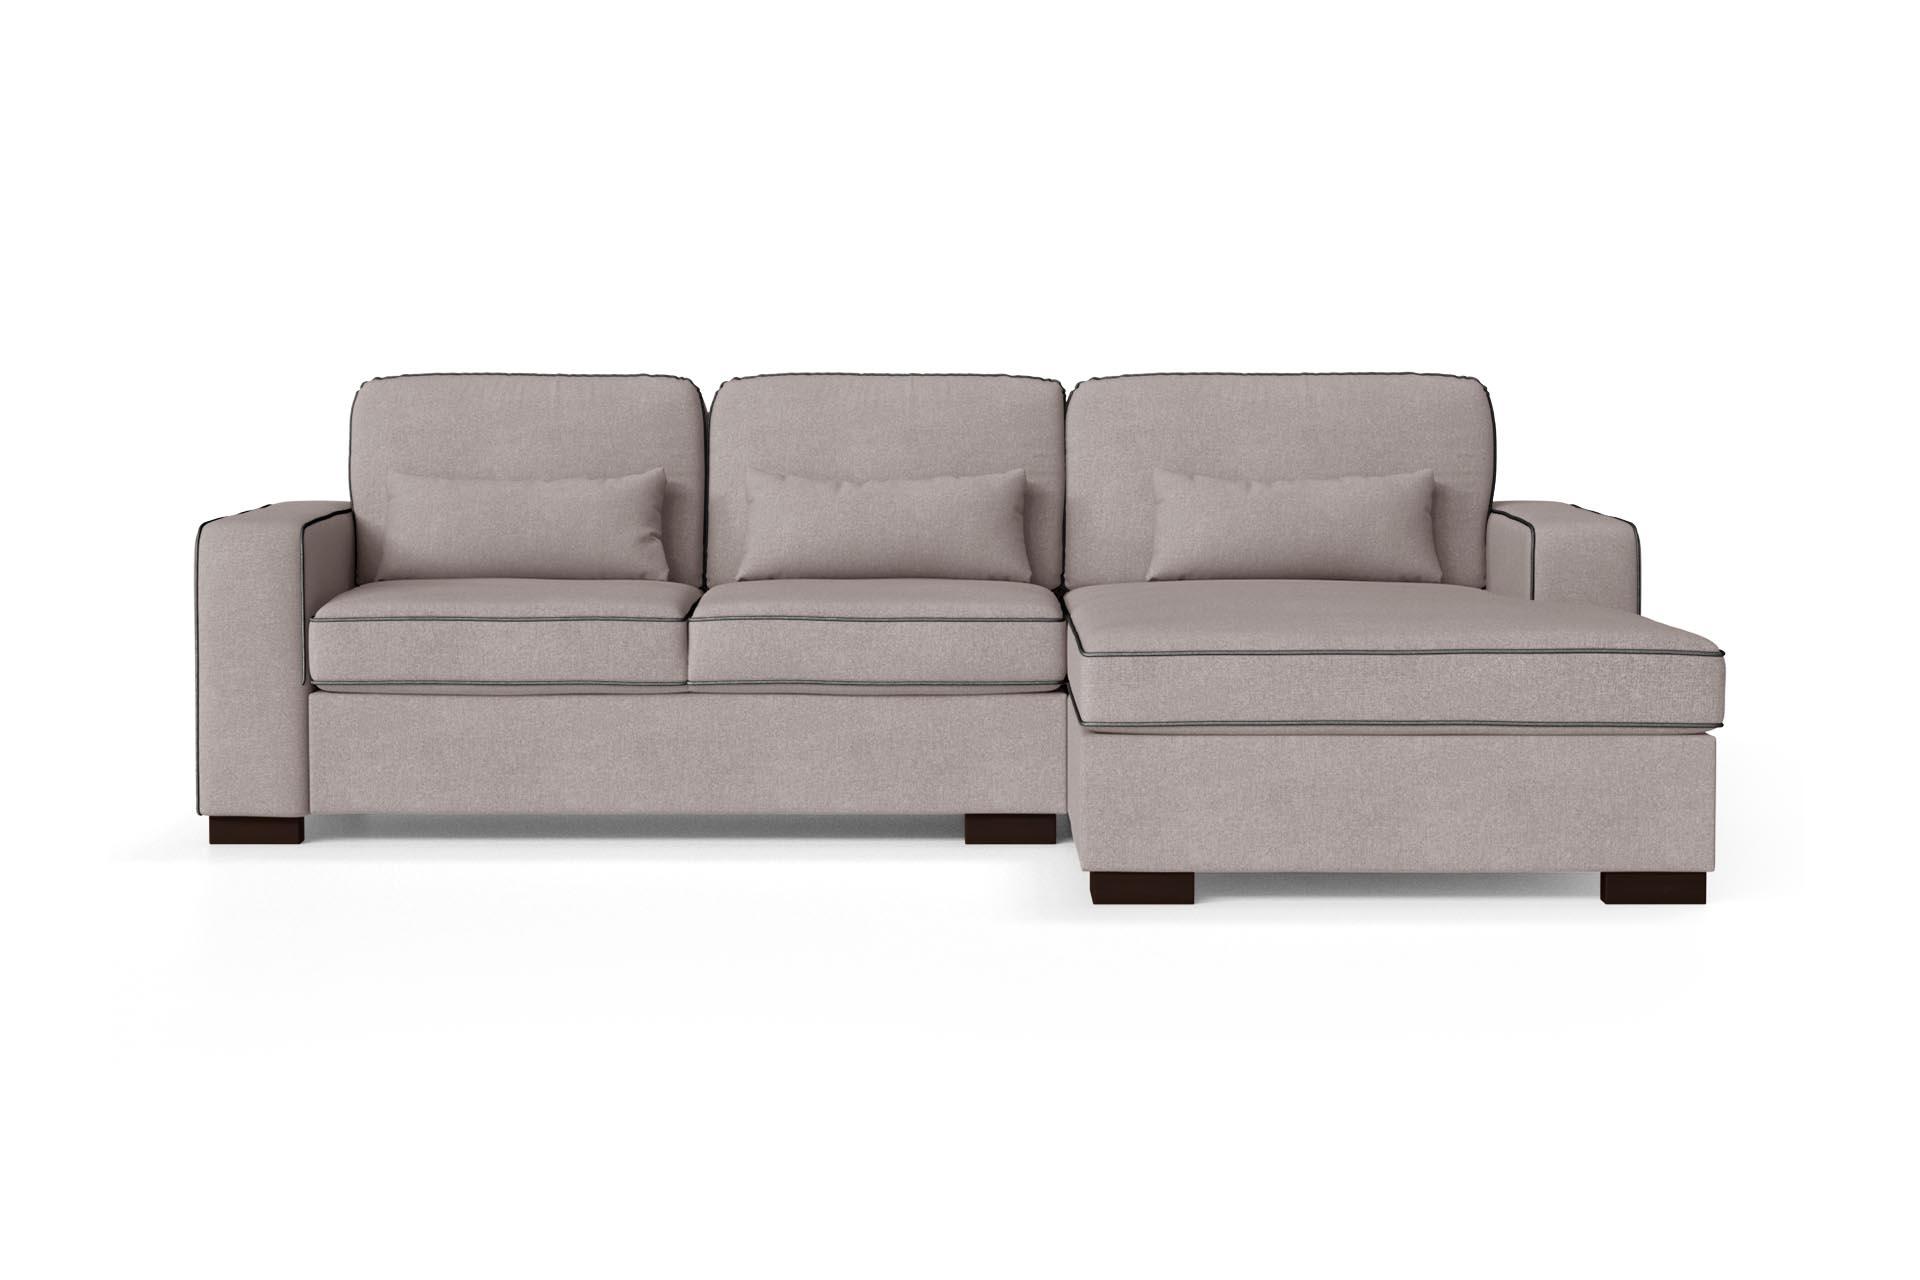 Canapé d'angle droit 4 places toucher coton rose poudré/anthracite